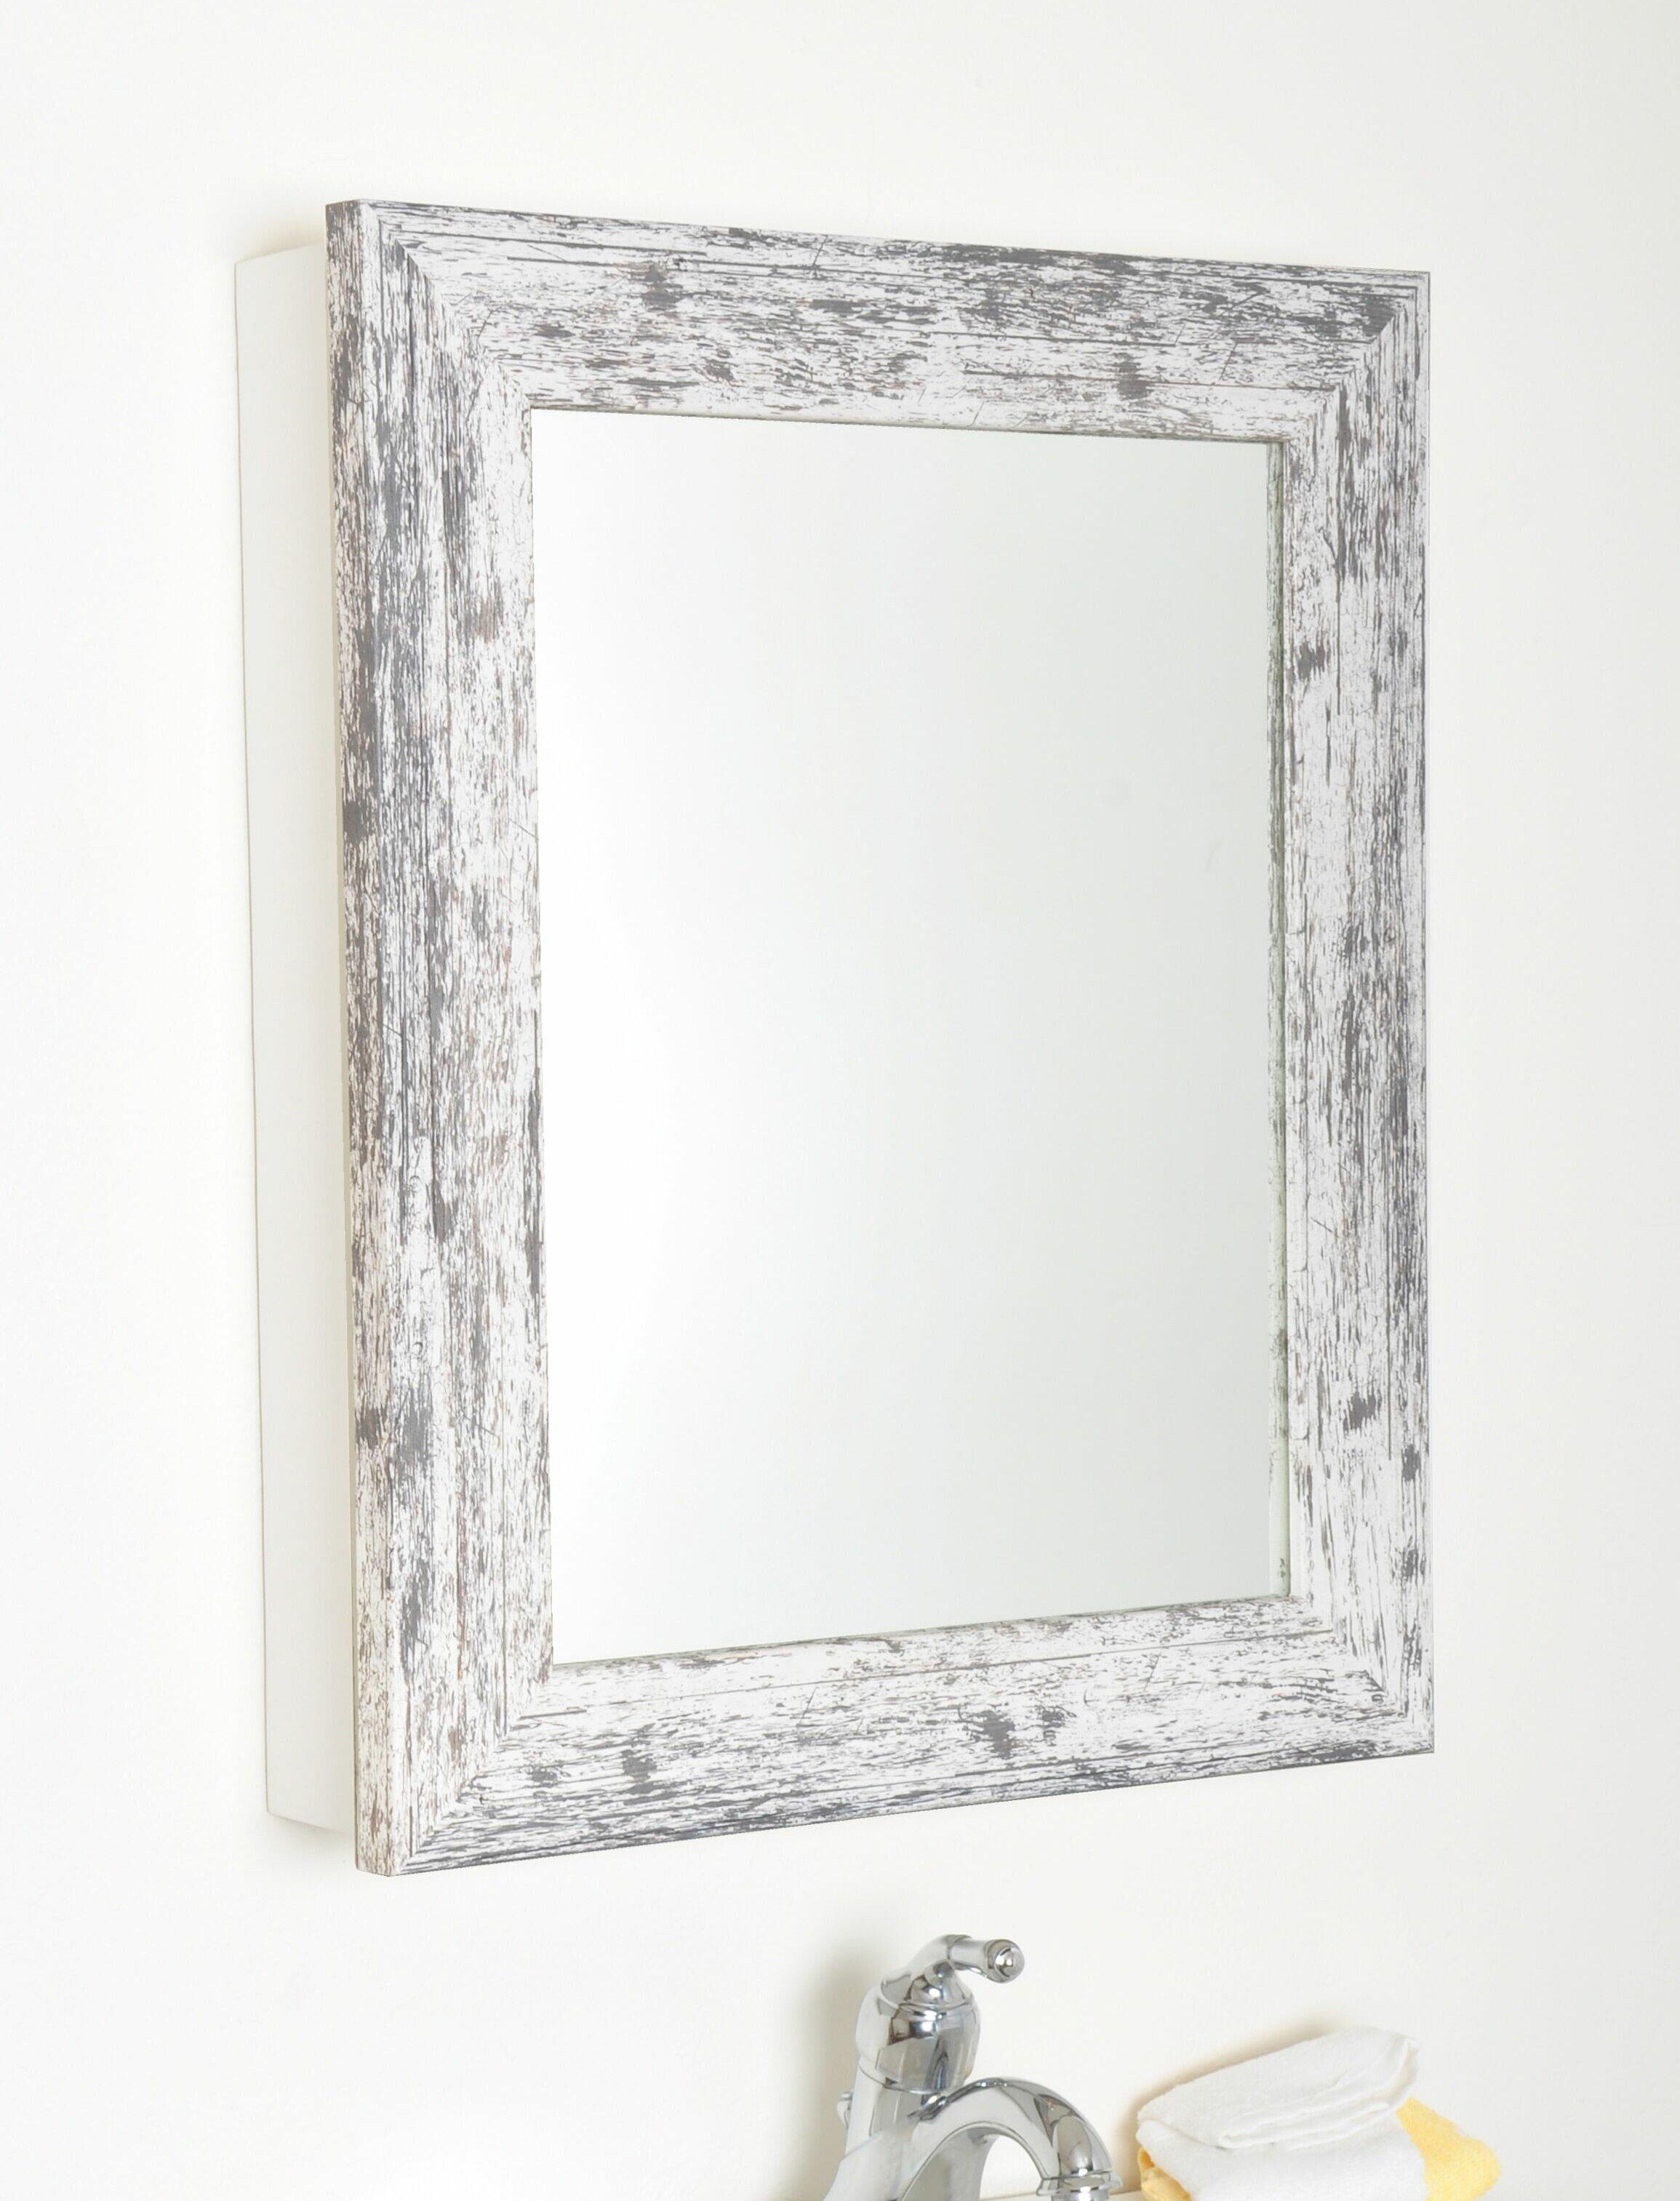 Drakeford Grain Surface Mount Framed 1 Door Medicine Cabinet With 2 Adjustable Shelves Reviews Birch Lane